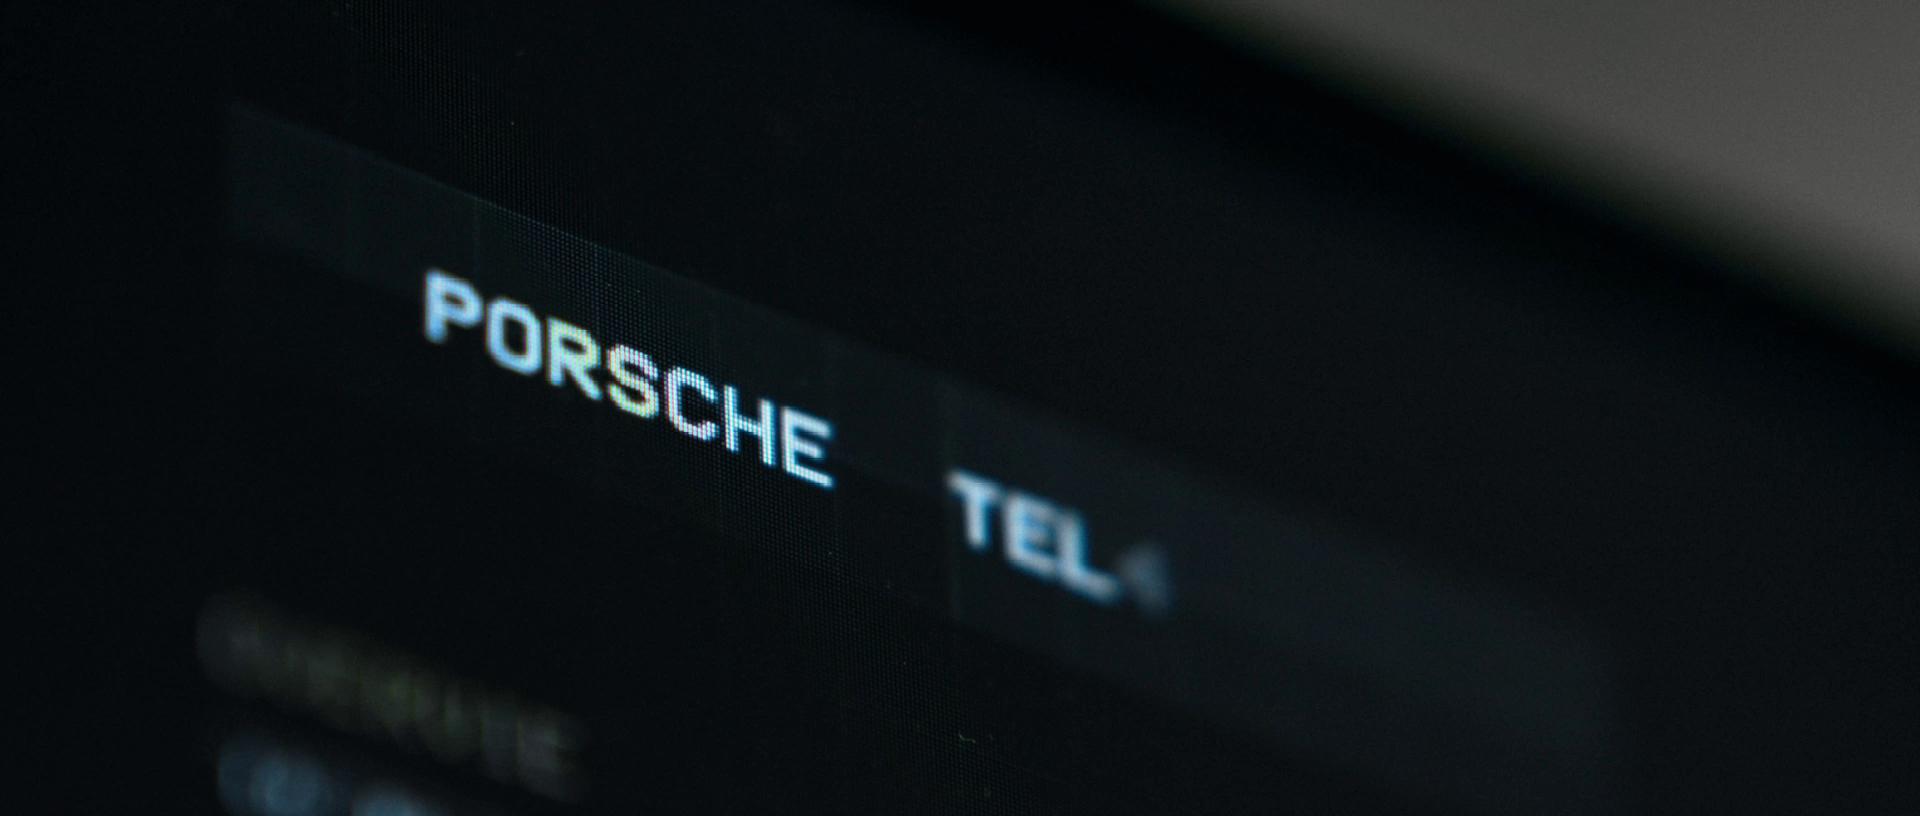 Porsche_mission_R__0030_Layer 3